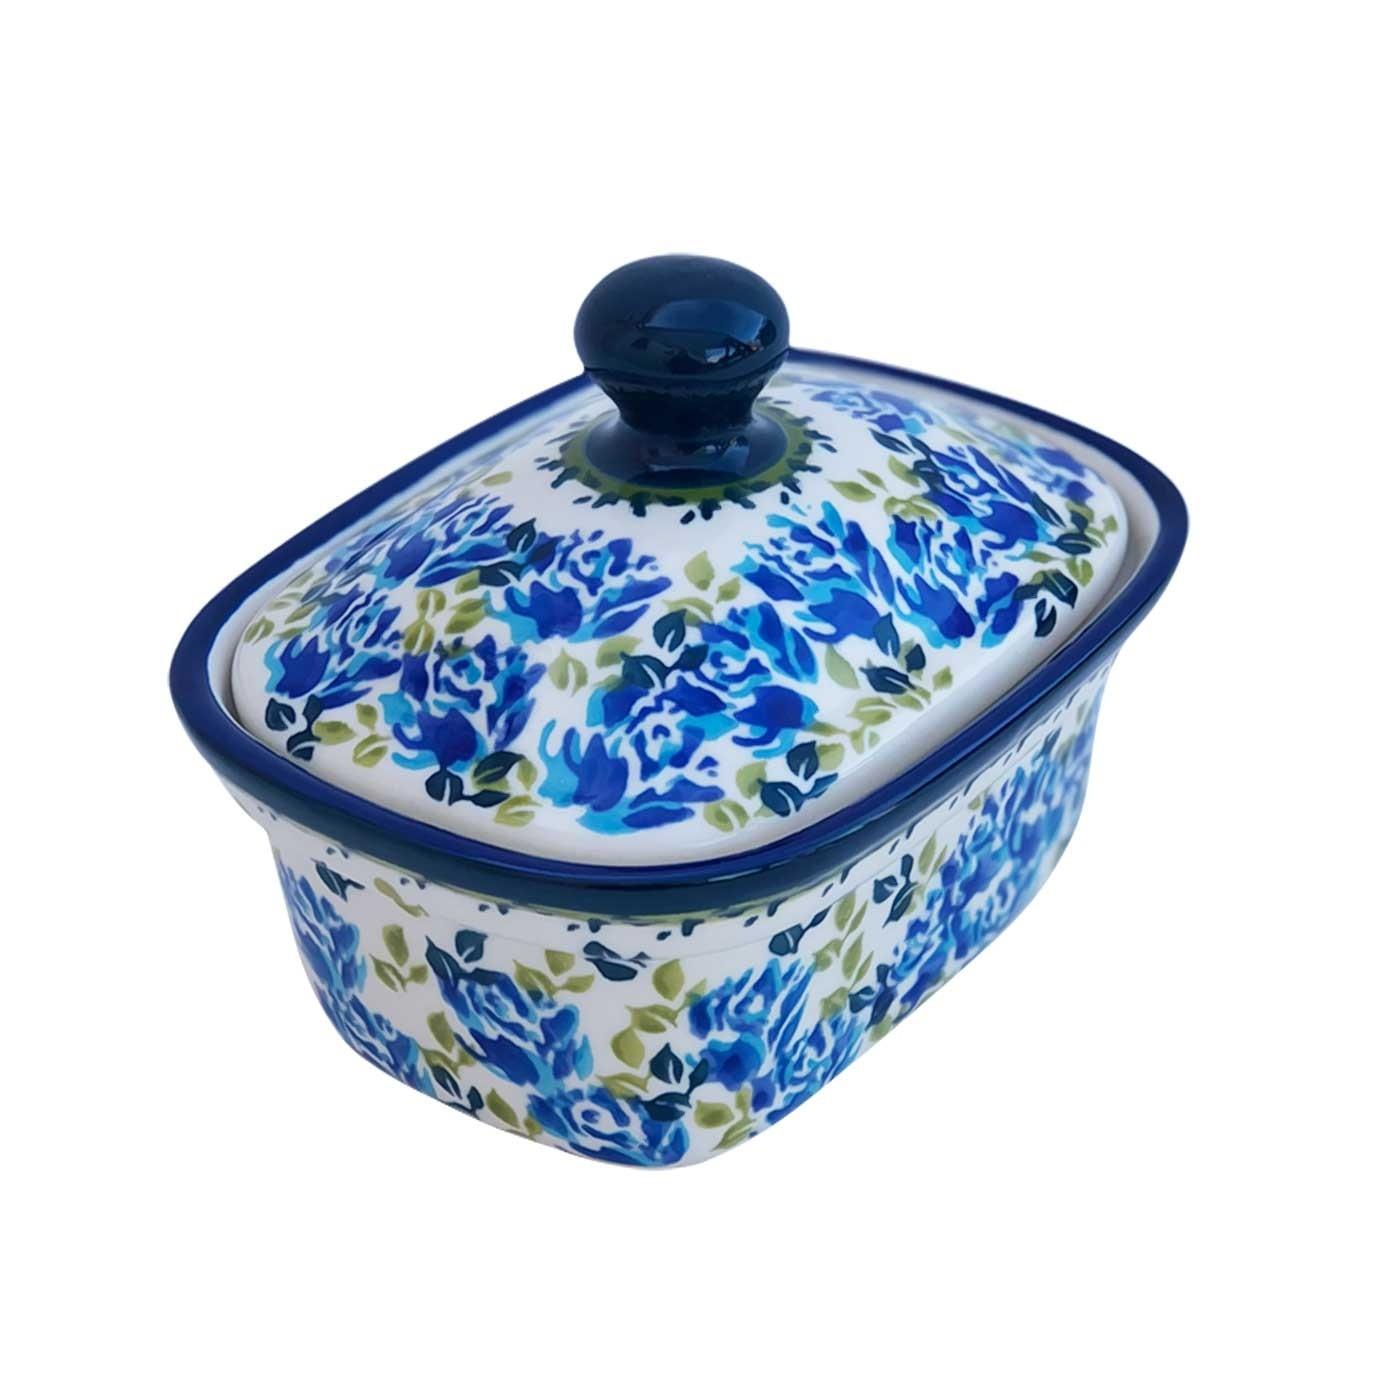 Pottery Avenue  2-Cup Stoneware Butter Box - 1188-DU208 BLUE FLOWER